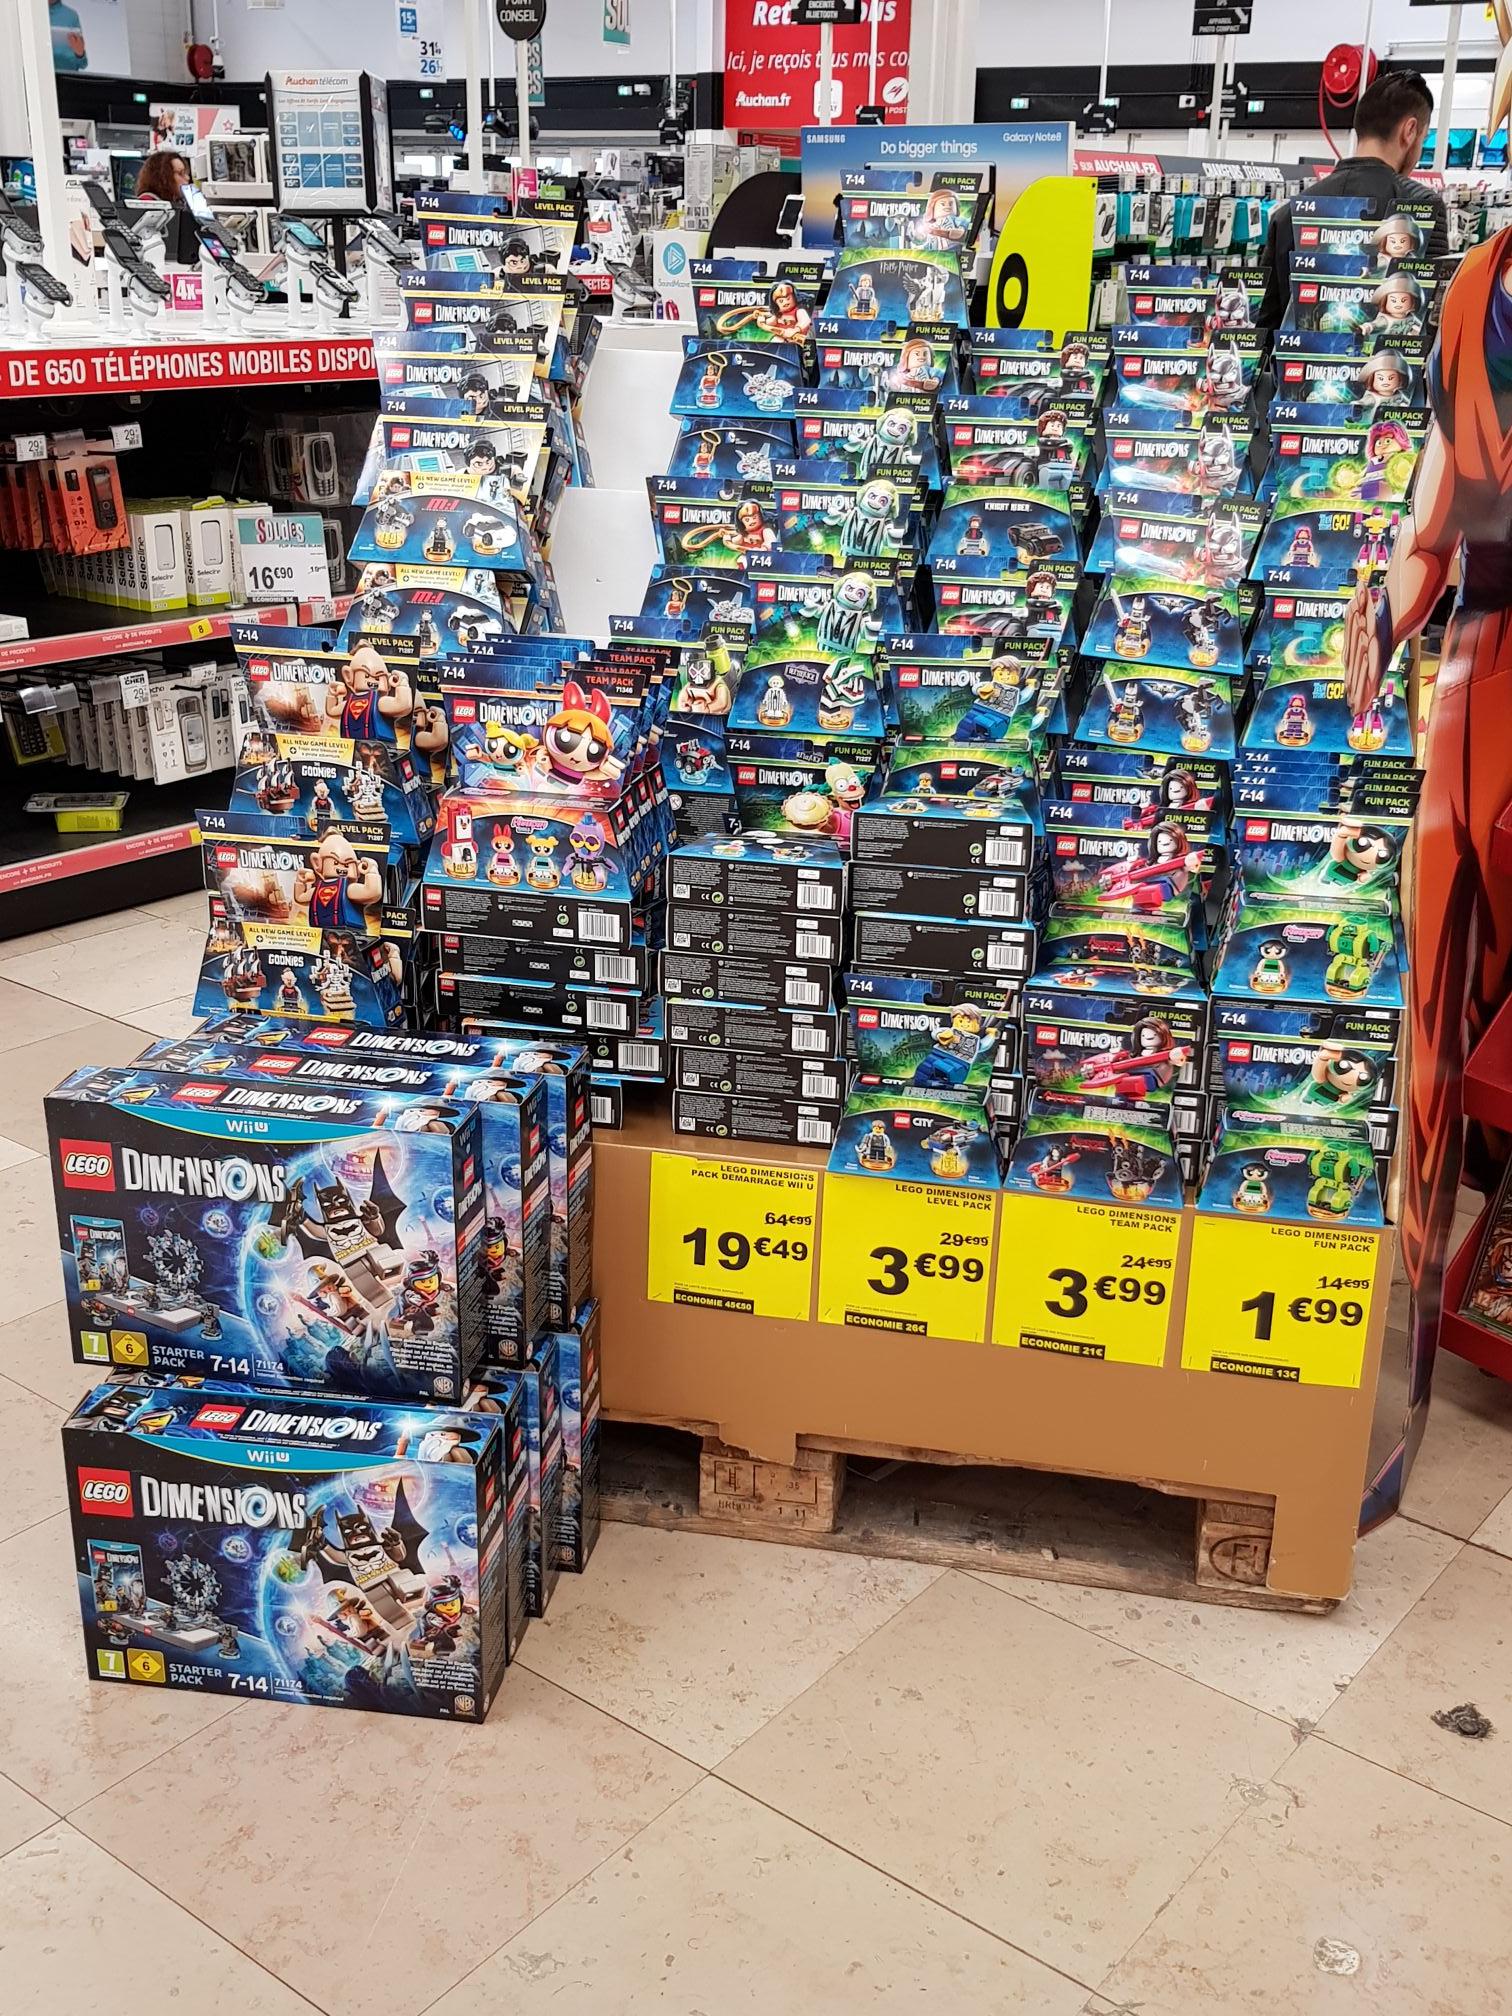 Lego dimensions level pack ou team pack - Saint-Jean-de-la-Ruelle (45)